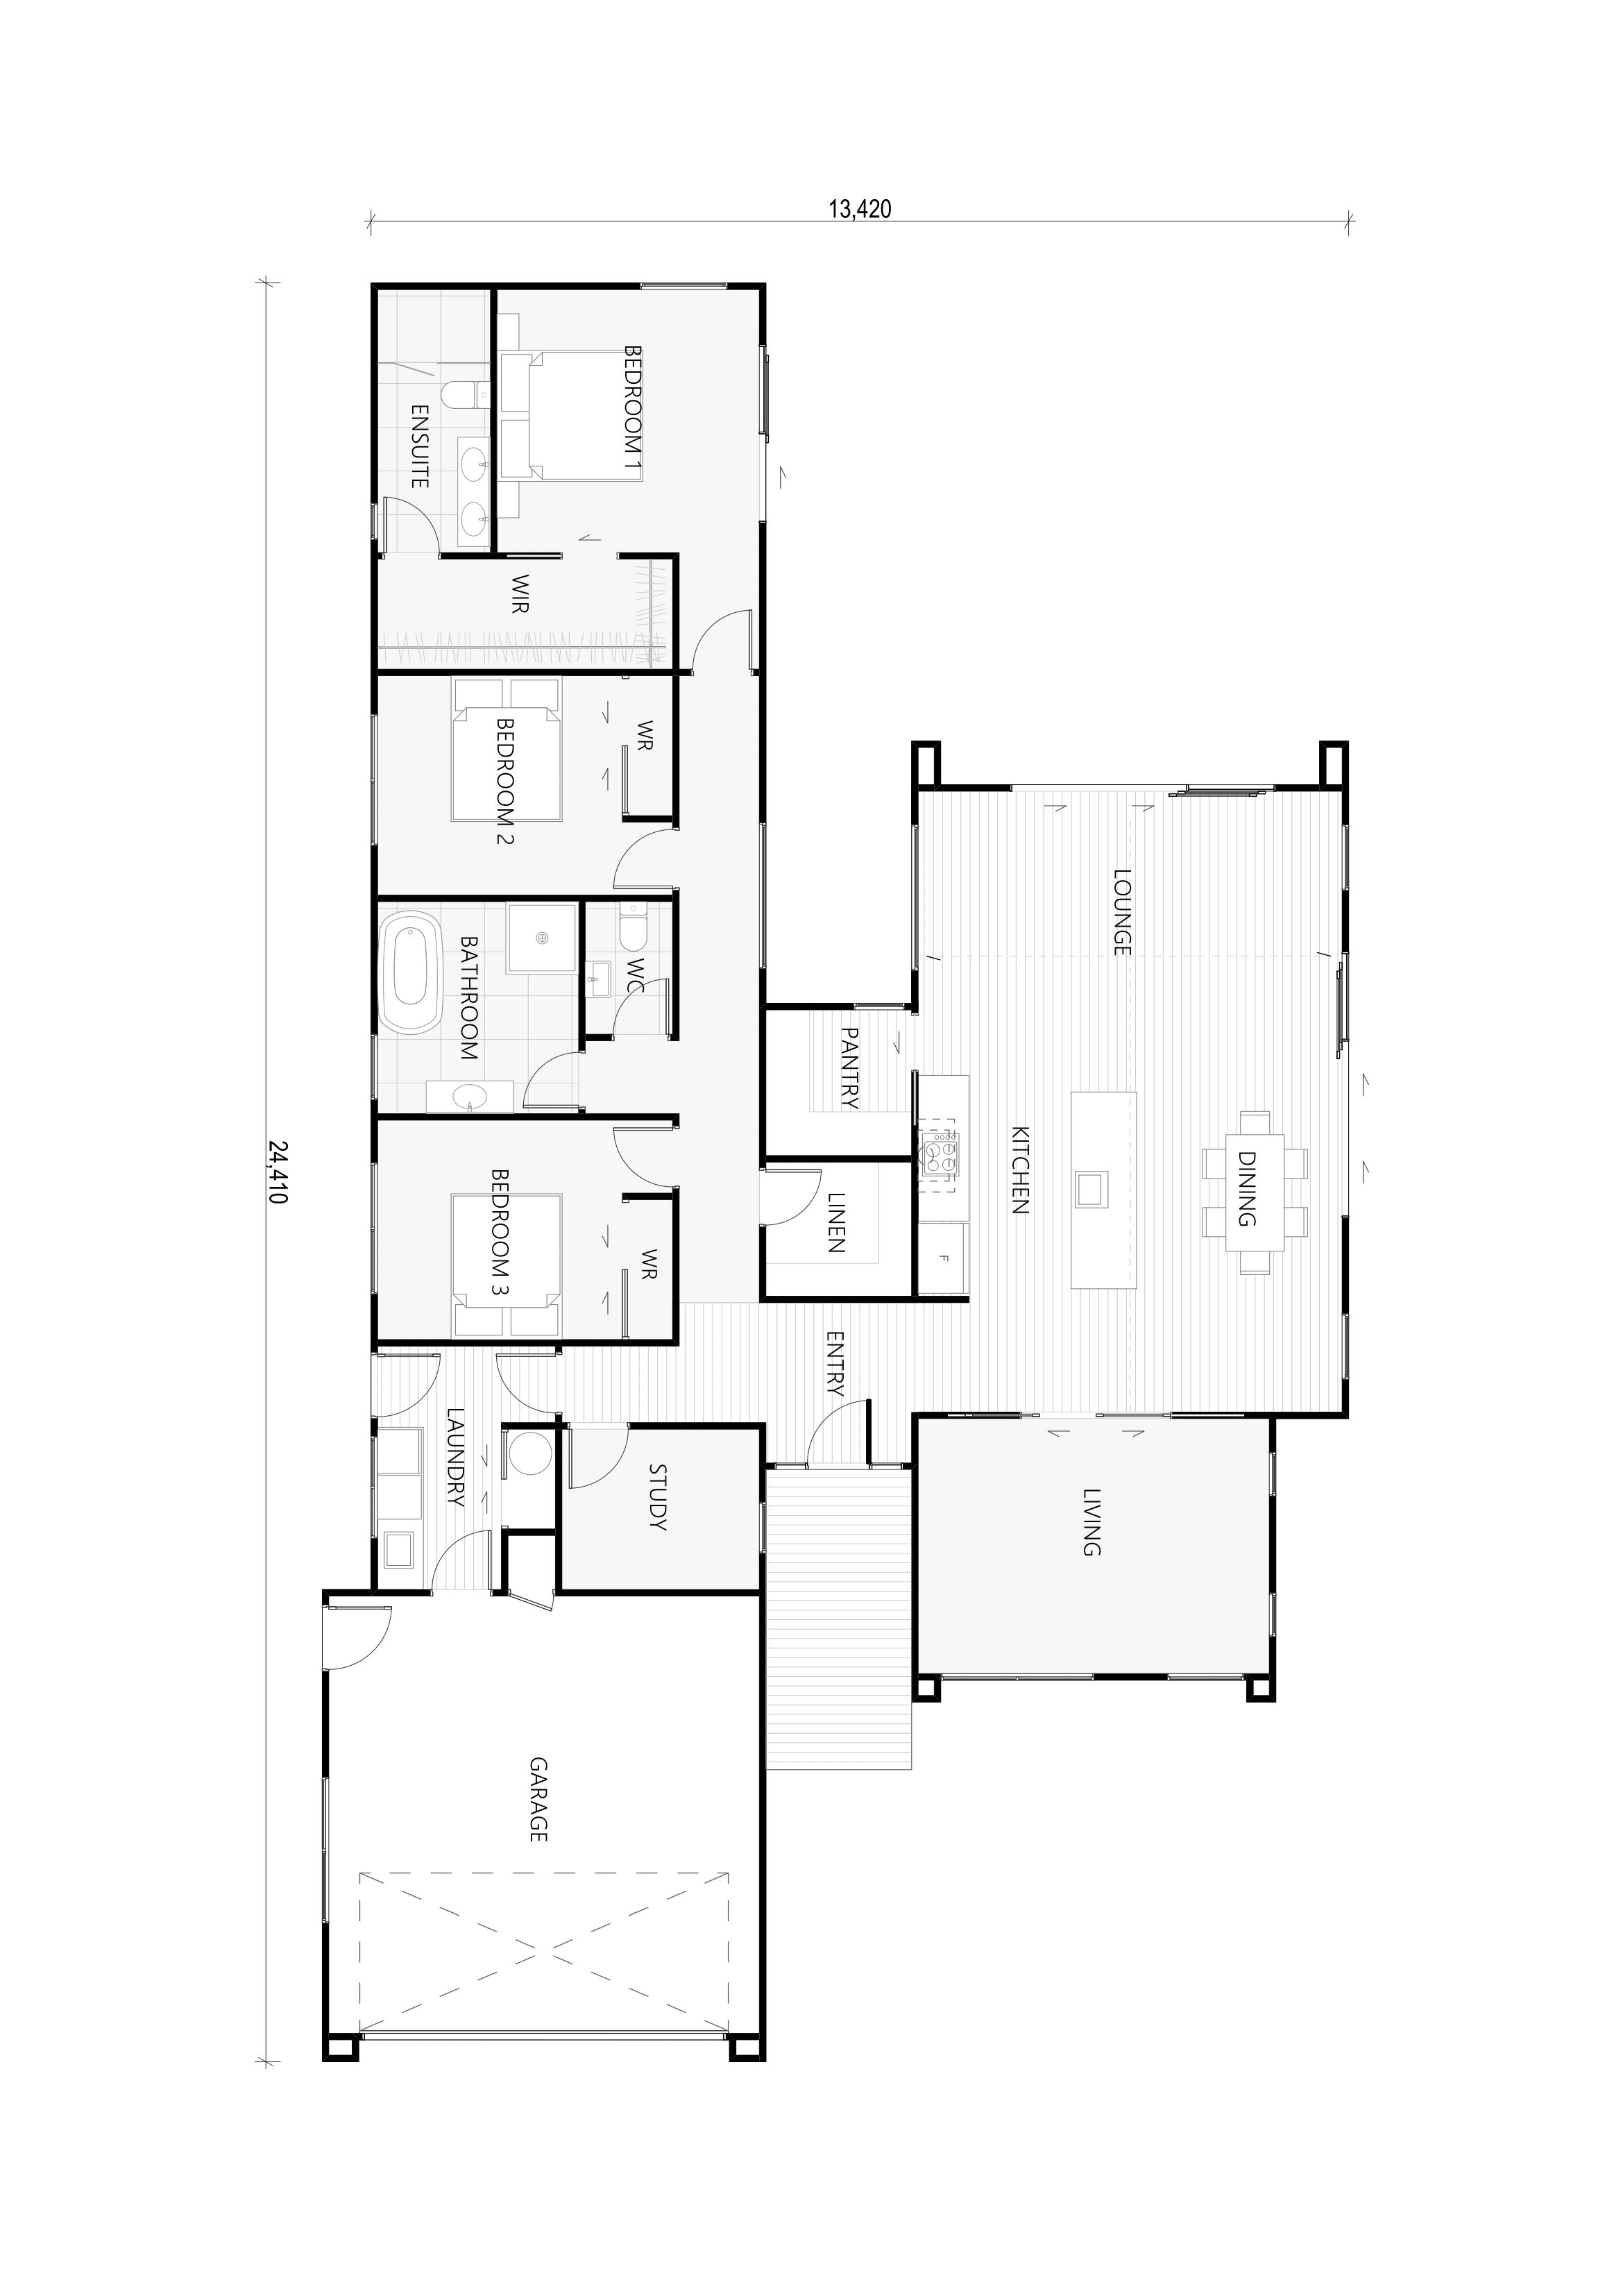 Torere floor plan